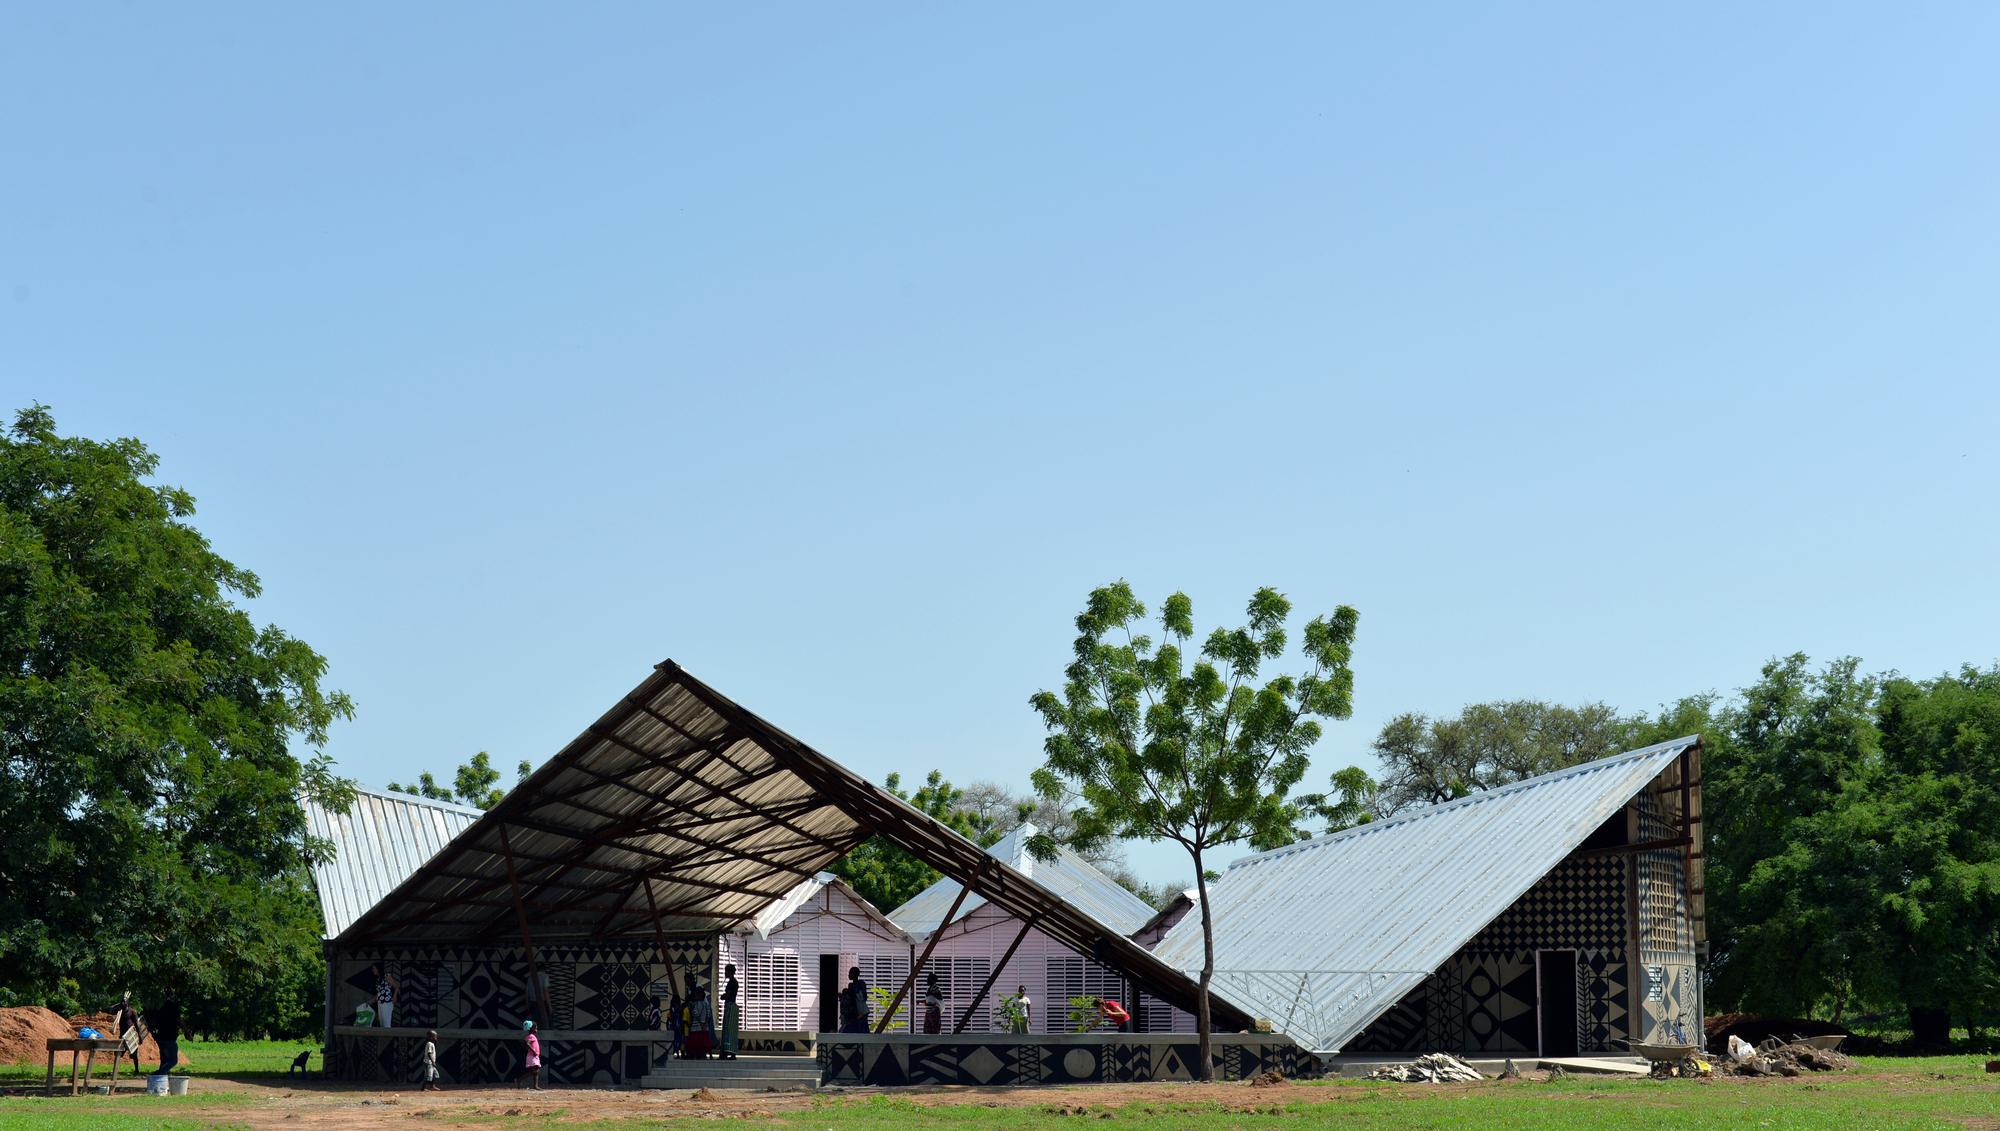 Sabou School / 3RW Arkitekter